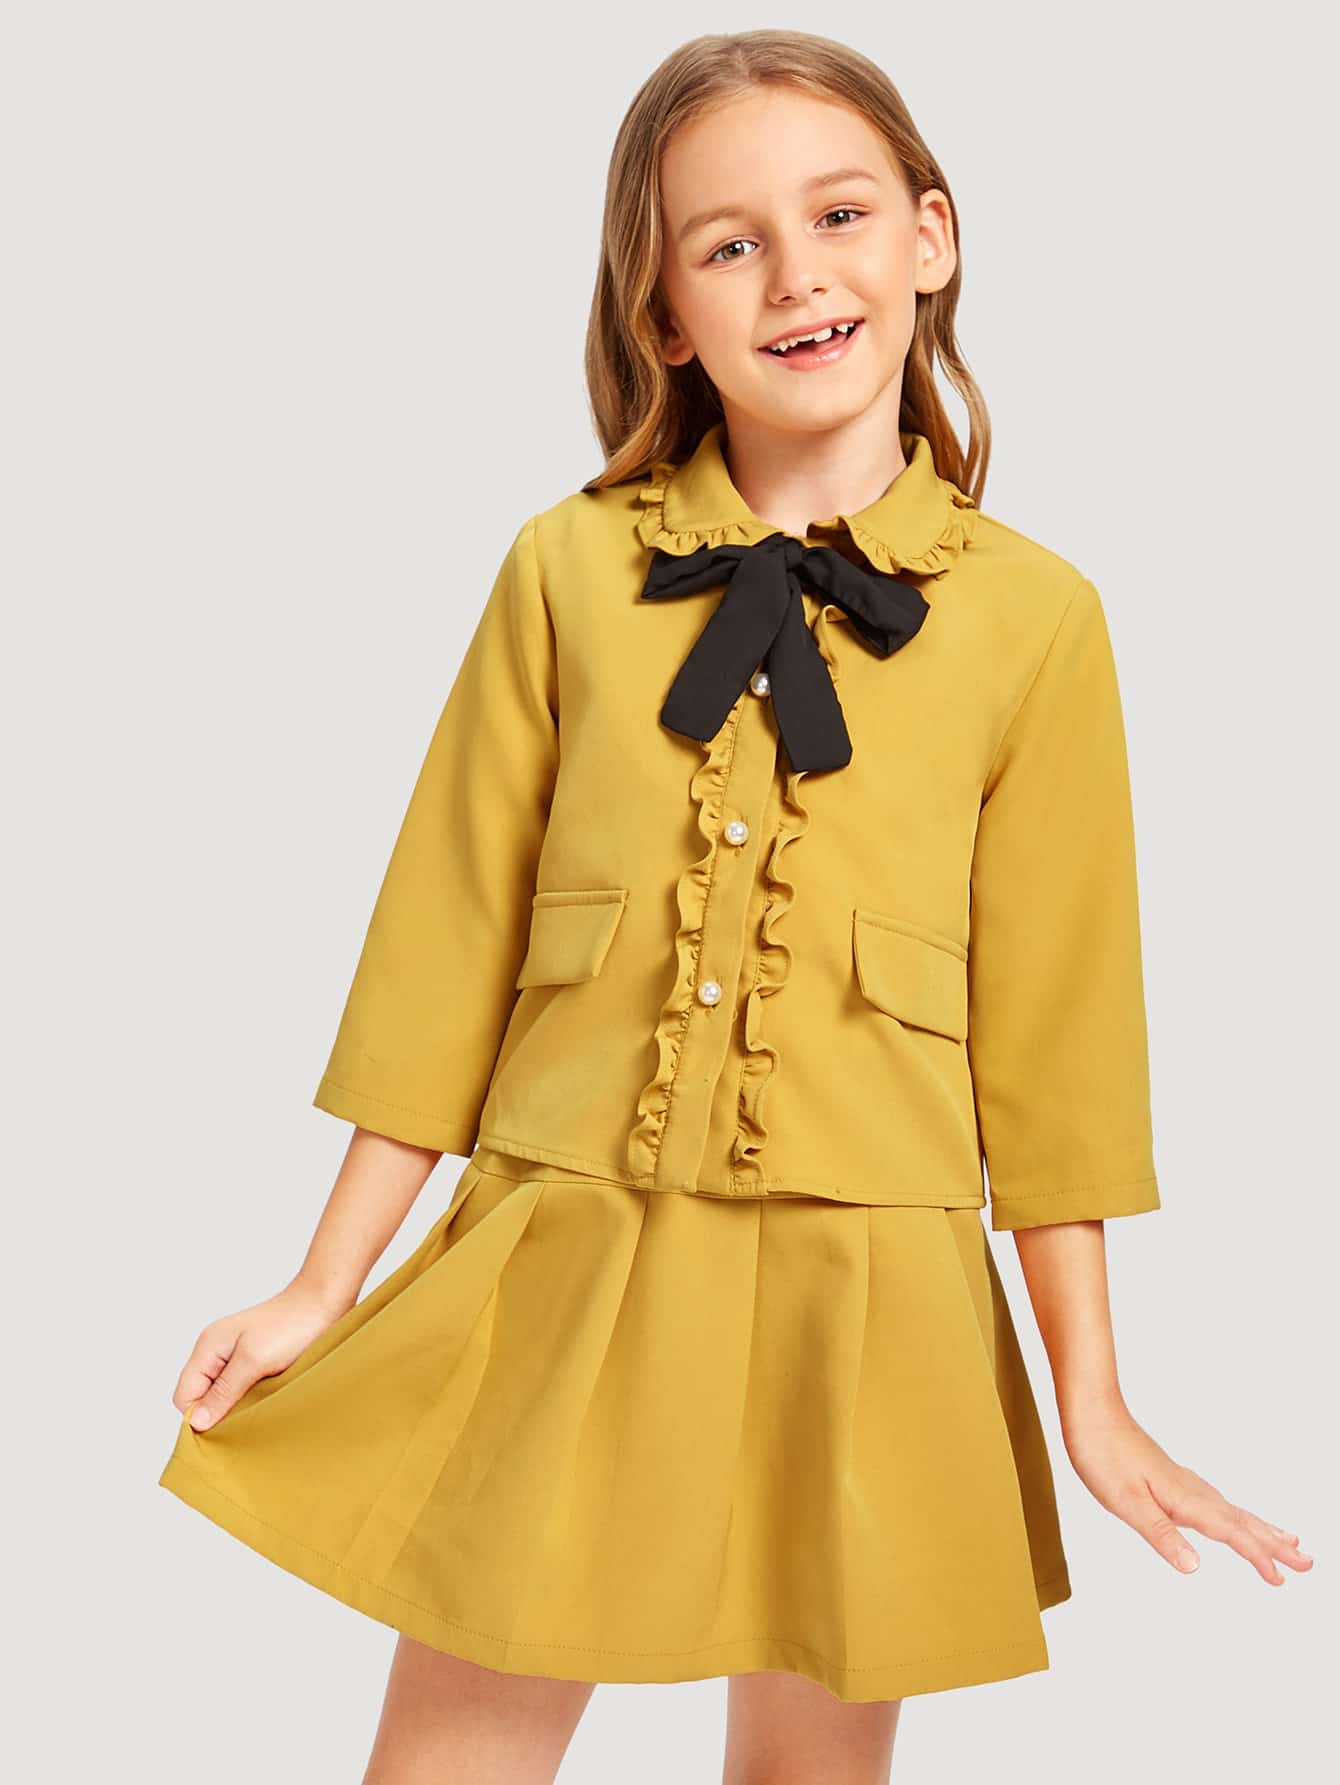 Купить Верхняя одежда и юбка для девочек, Sashab, SheIn